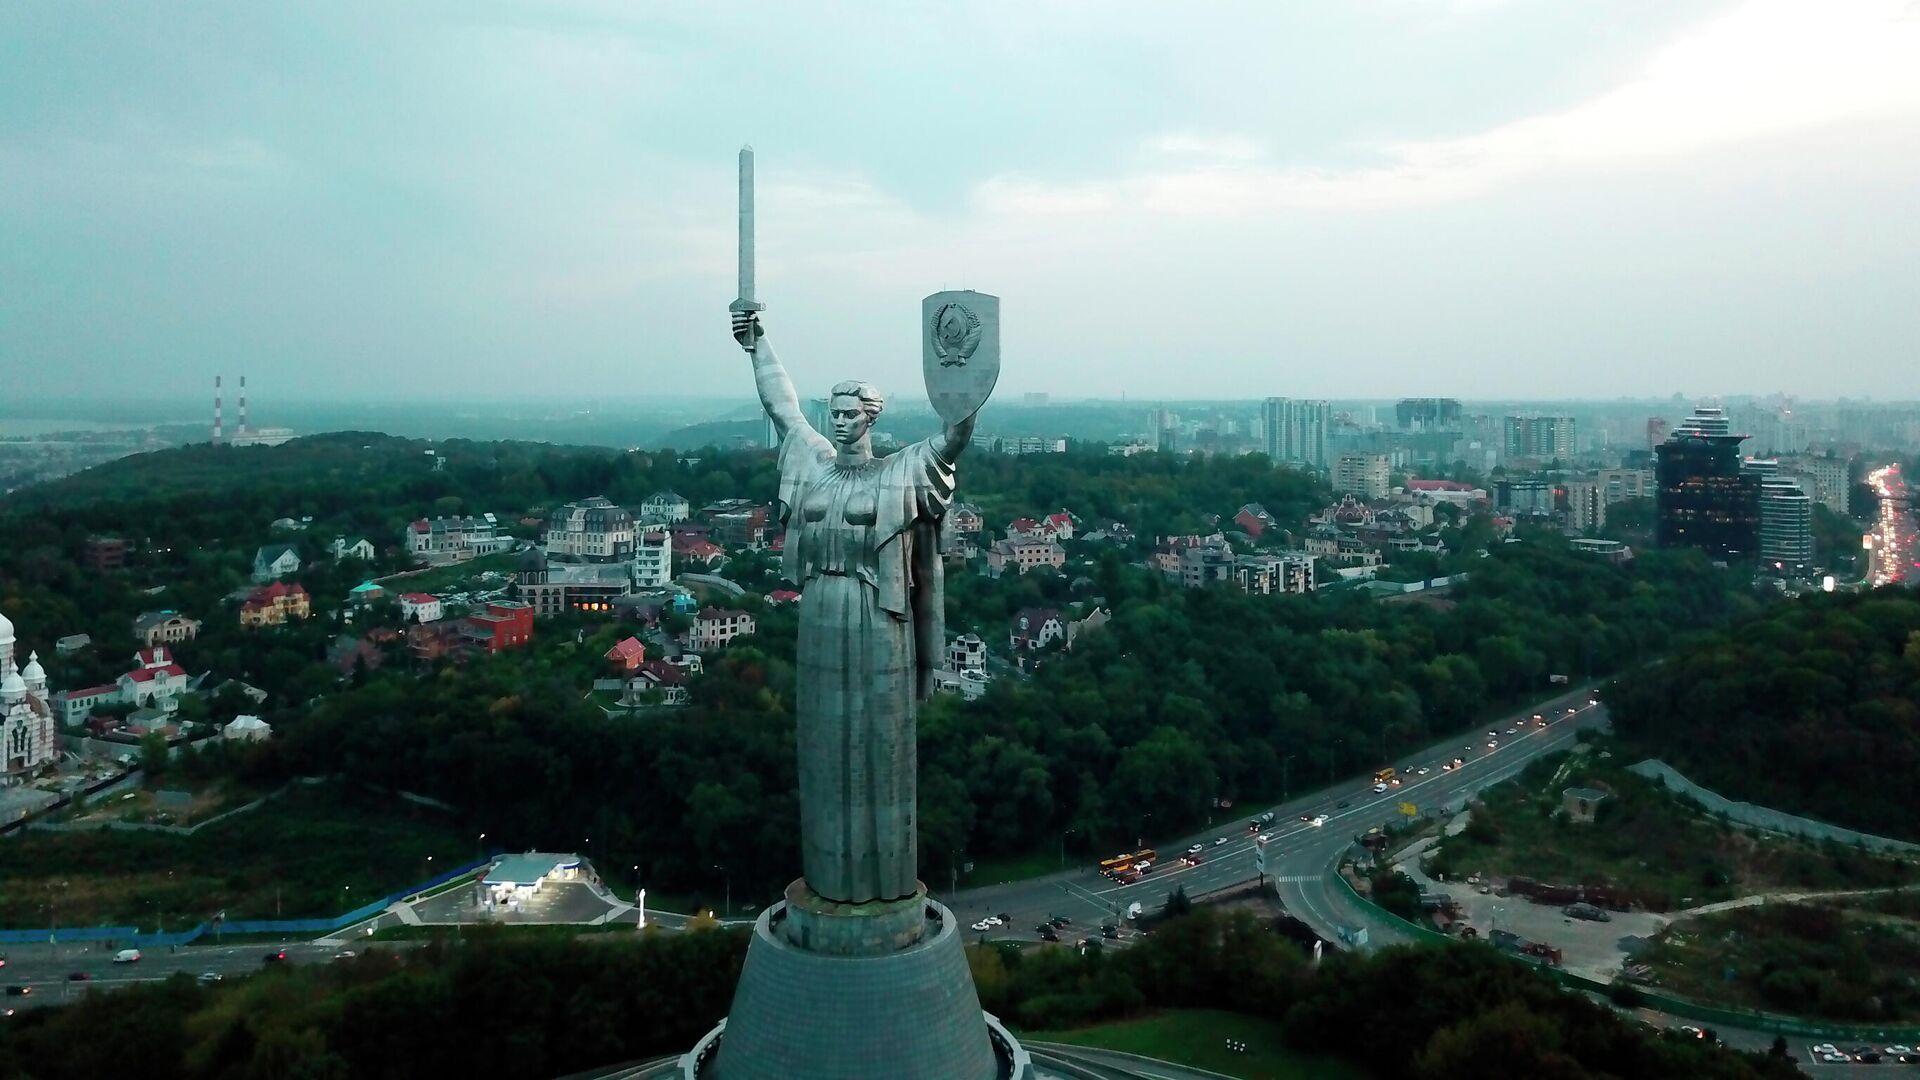 Монумент Родина-мать в Киеве, Украина. Архивное фото - Sputnik Узбекистан, 1920, 29.07.2021